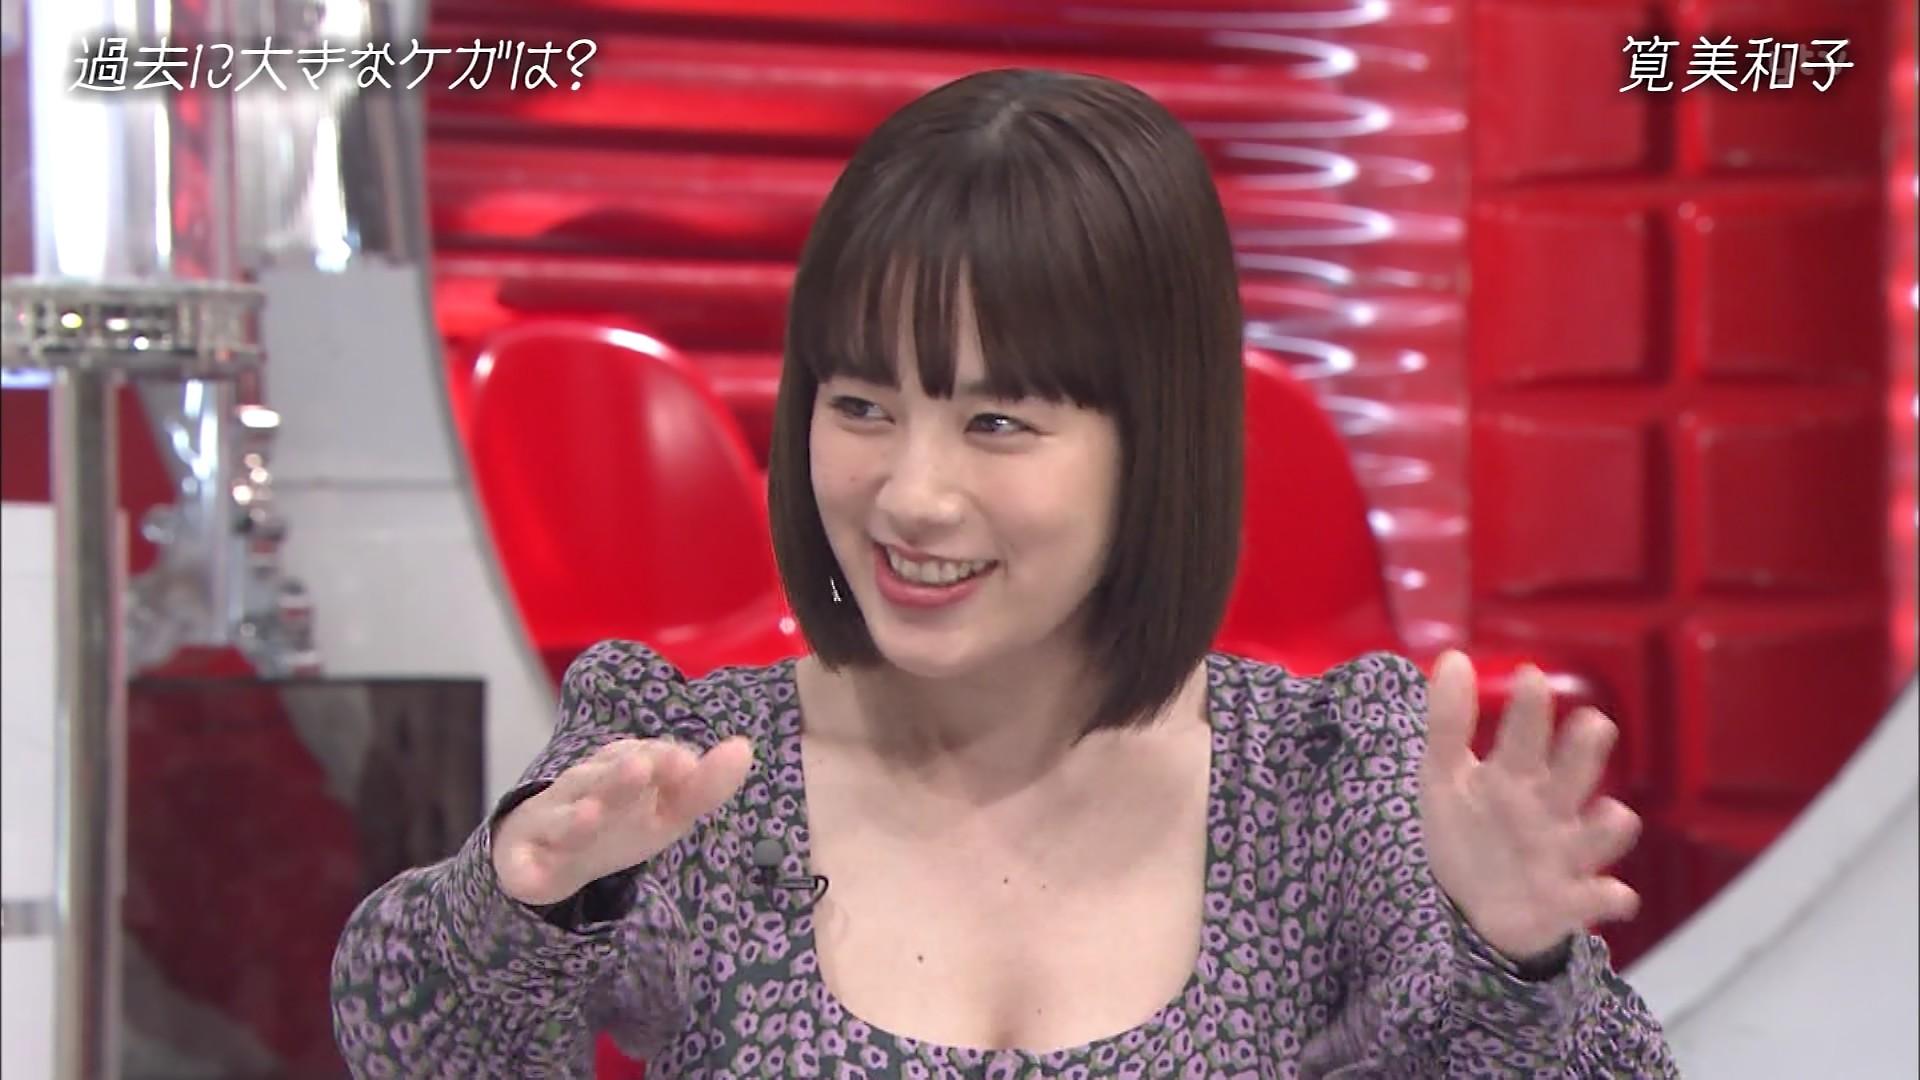 胸チラ_谷間_おっぱい_おしゃれイズム_11